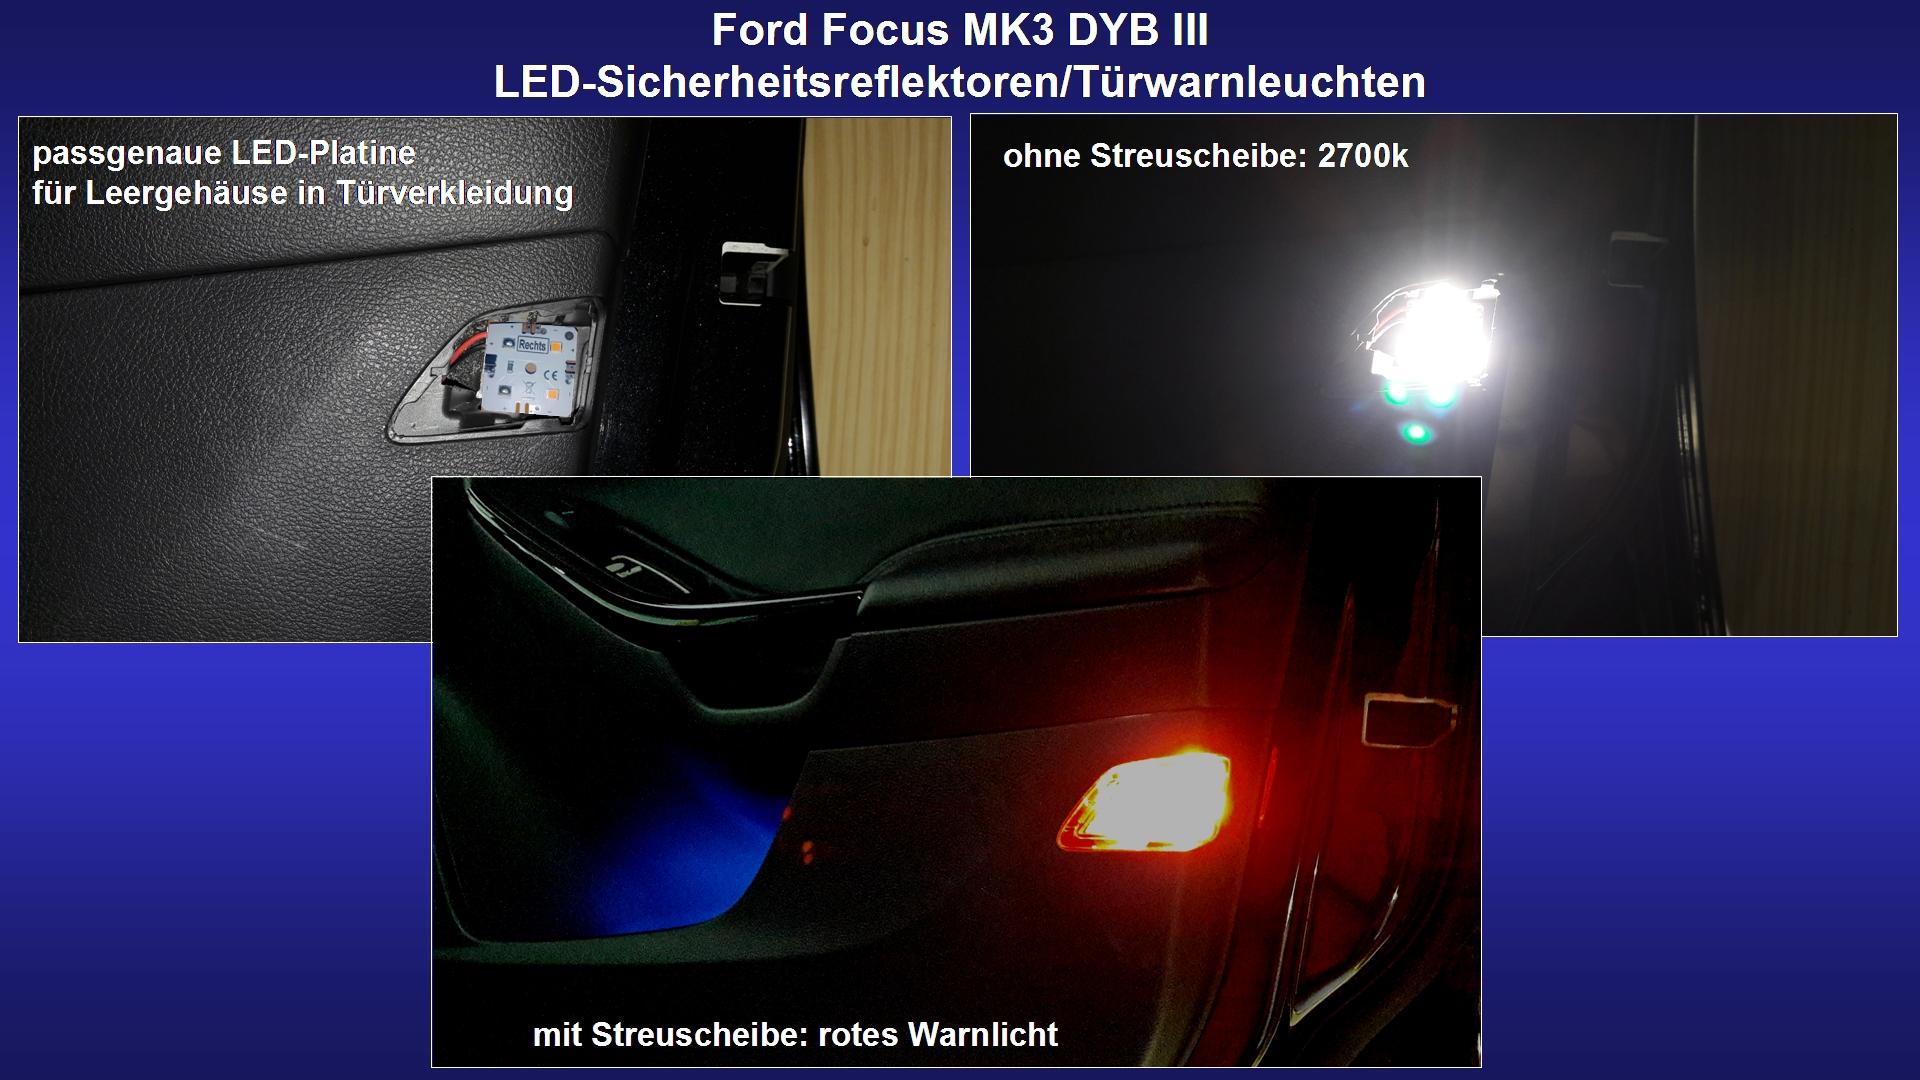 Präsentation - LED-Sicherheitsreflektoren-Türwarnleuchten - Folie 2.jpg